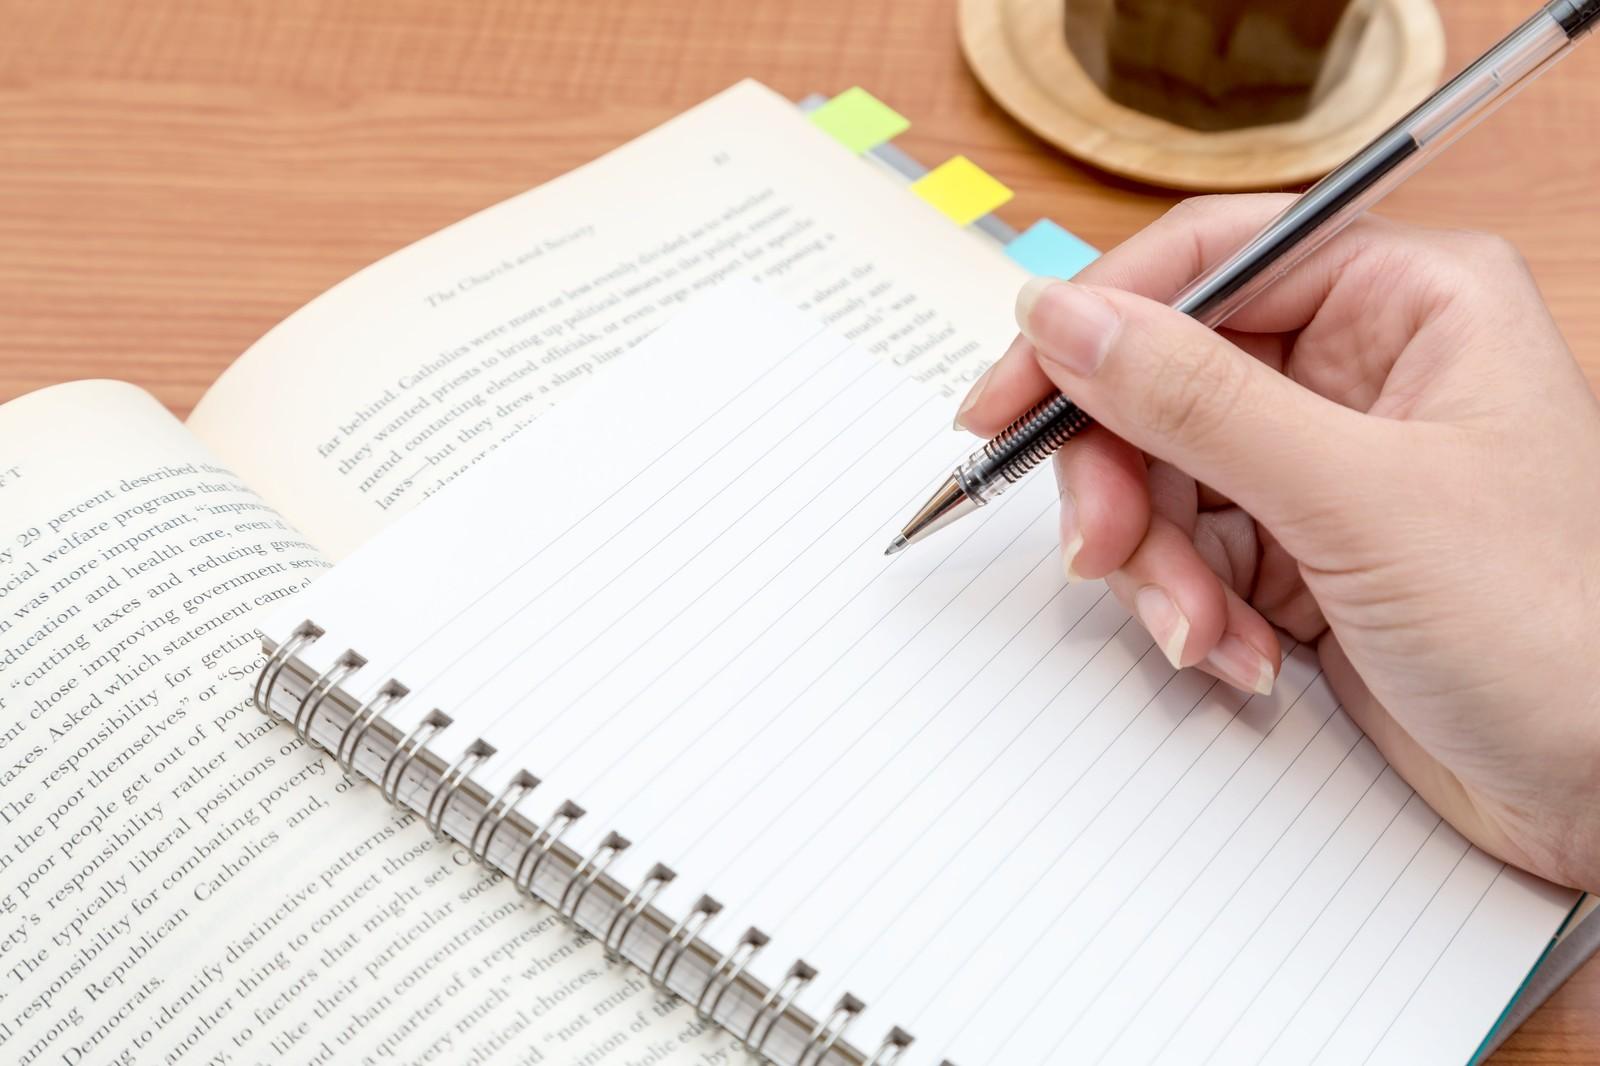 Wordの資格を取るには何を取るのが一番良いのか